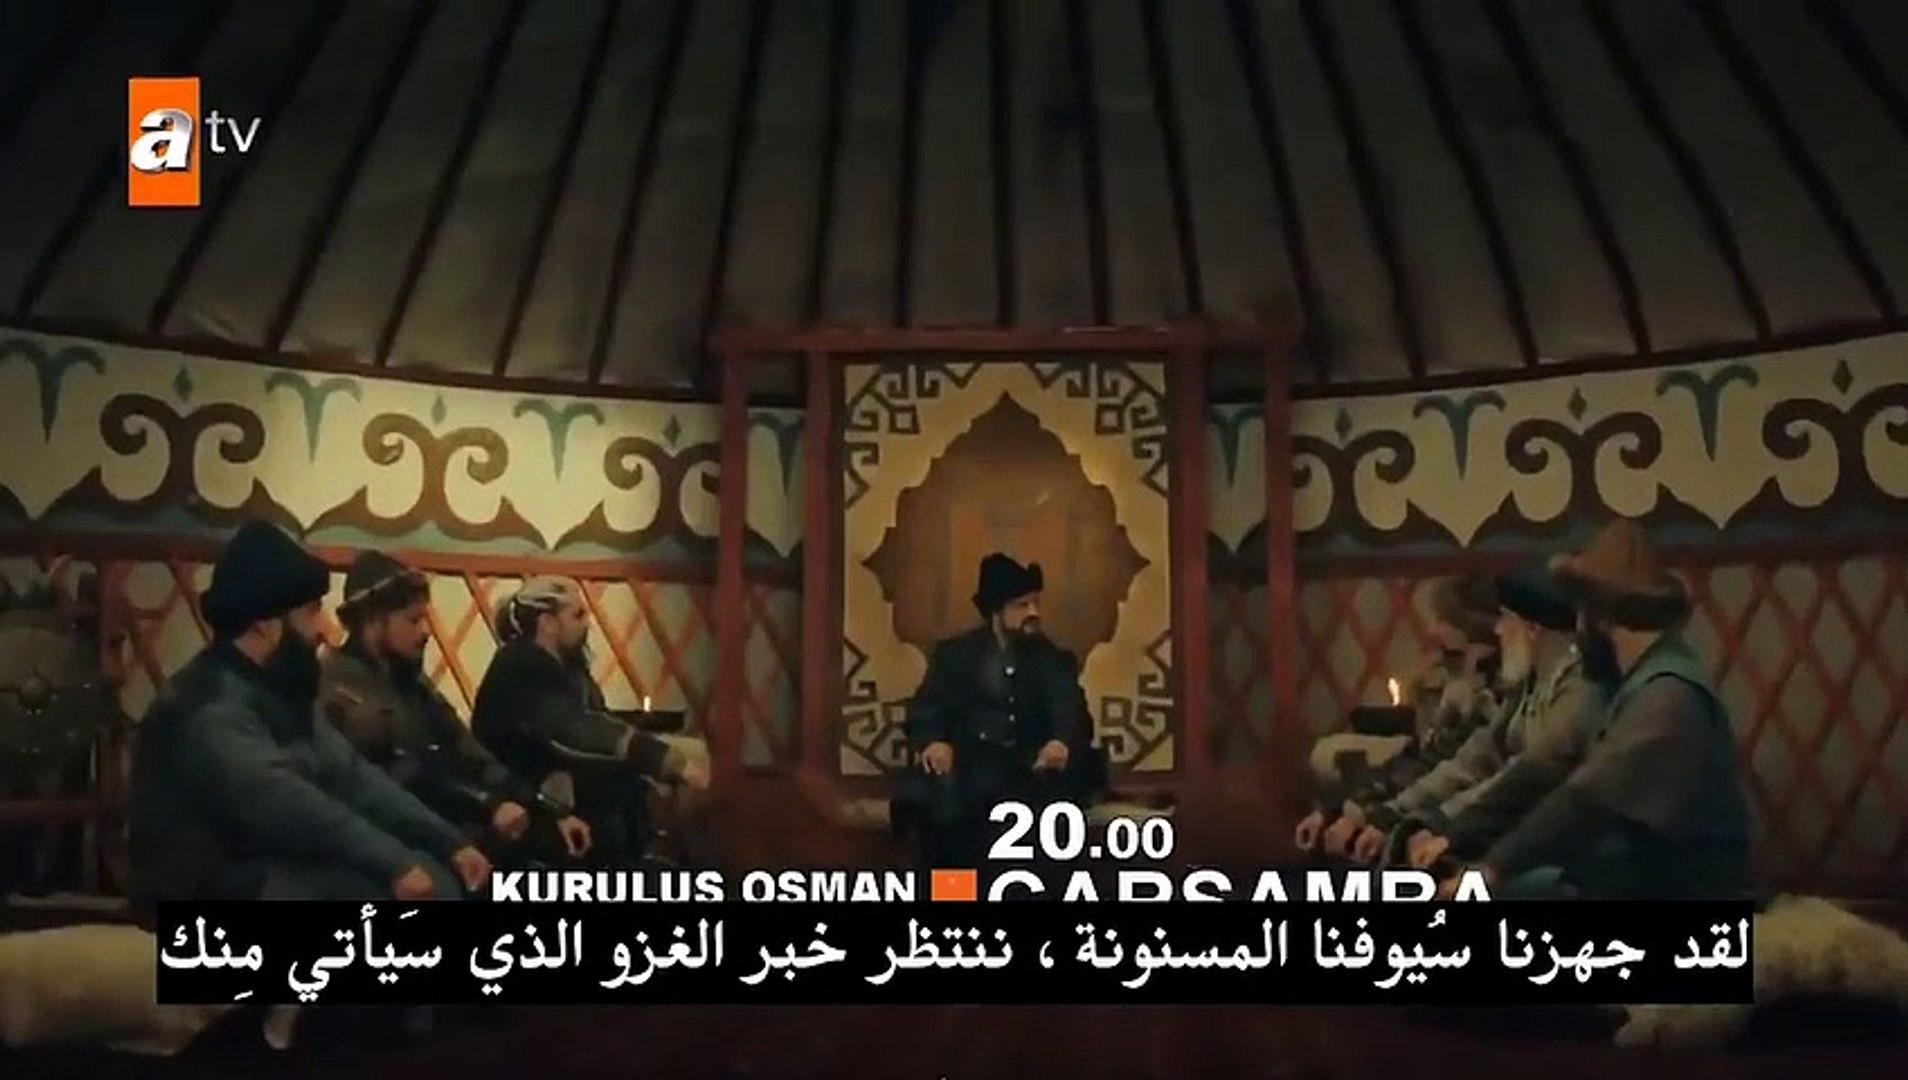 مسلسل قيامة عثمان 8 مترجم | المؤسس عثمان 8 | قيامة عثمان الحلقة ٨ | عثمان الحلقه 8